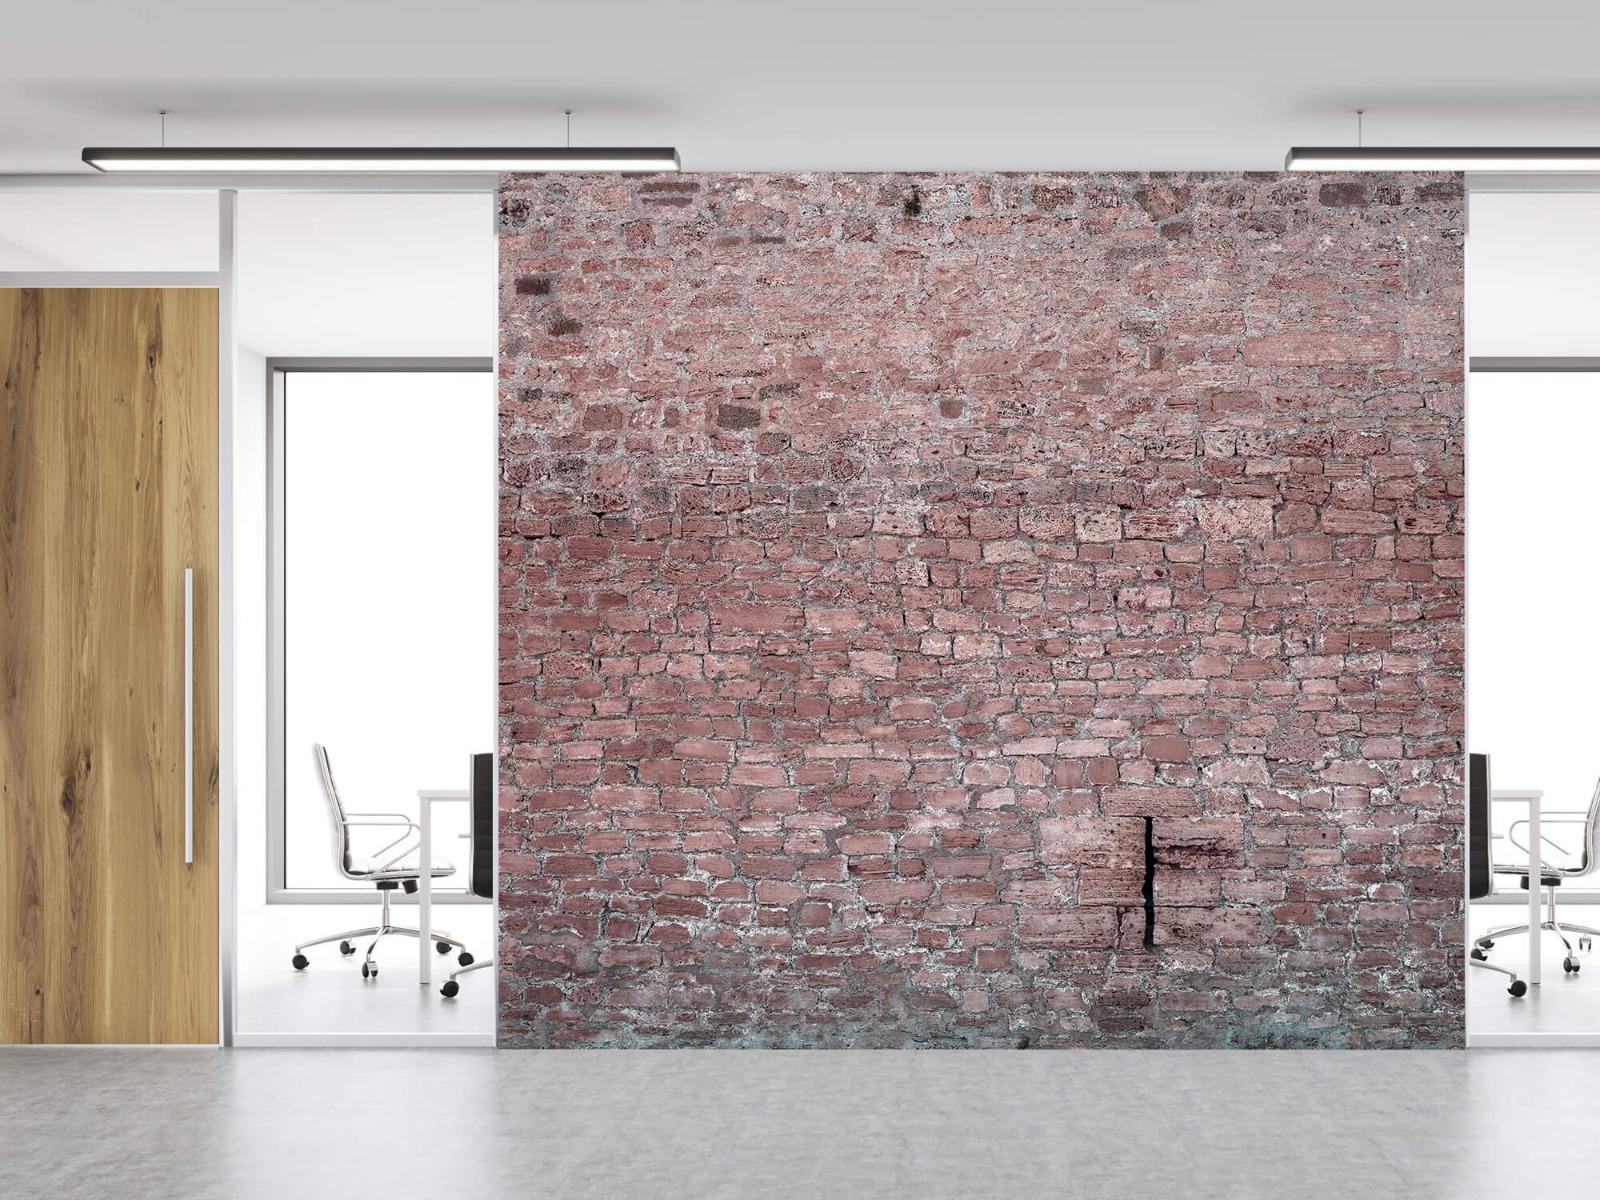 Steen behang - Muur van oude stenen - Tienerkamer 11